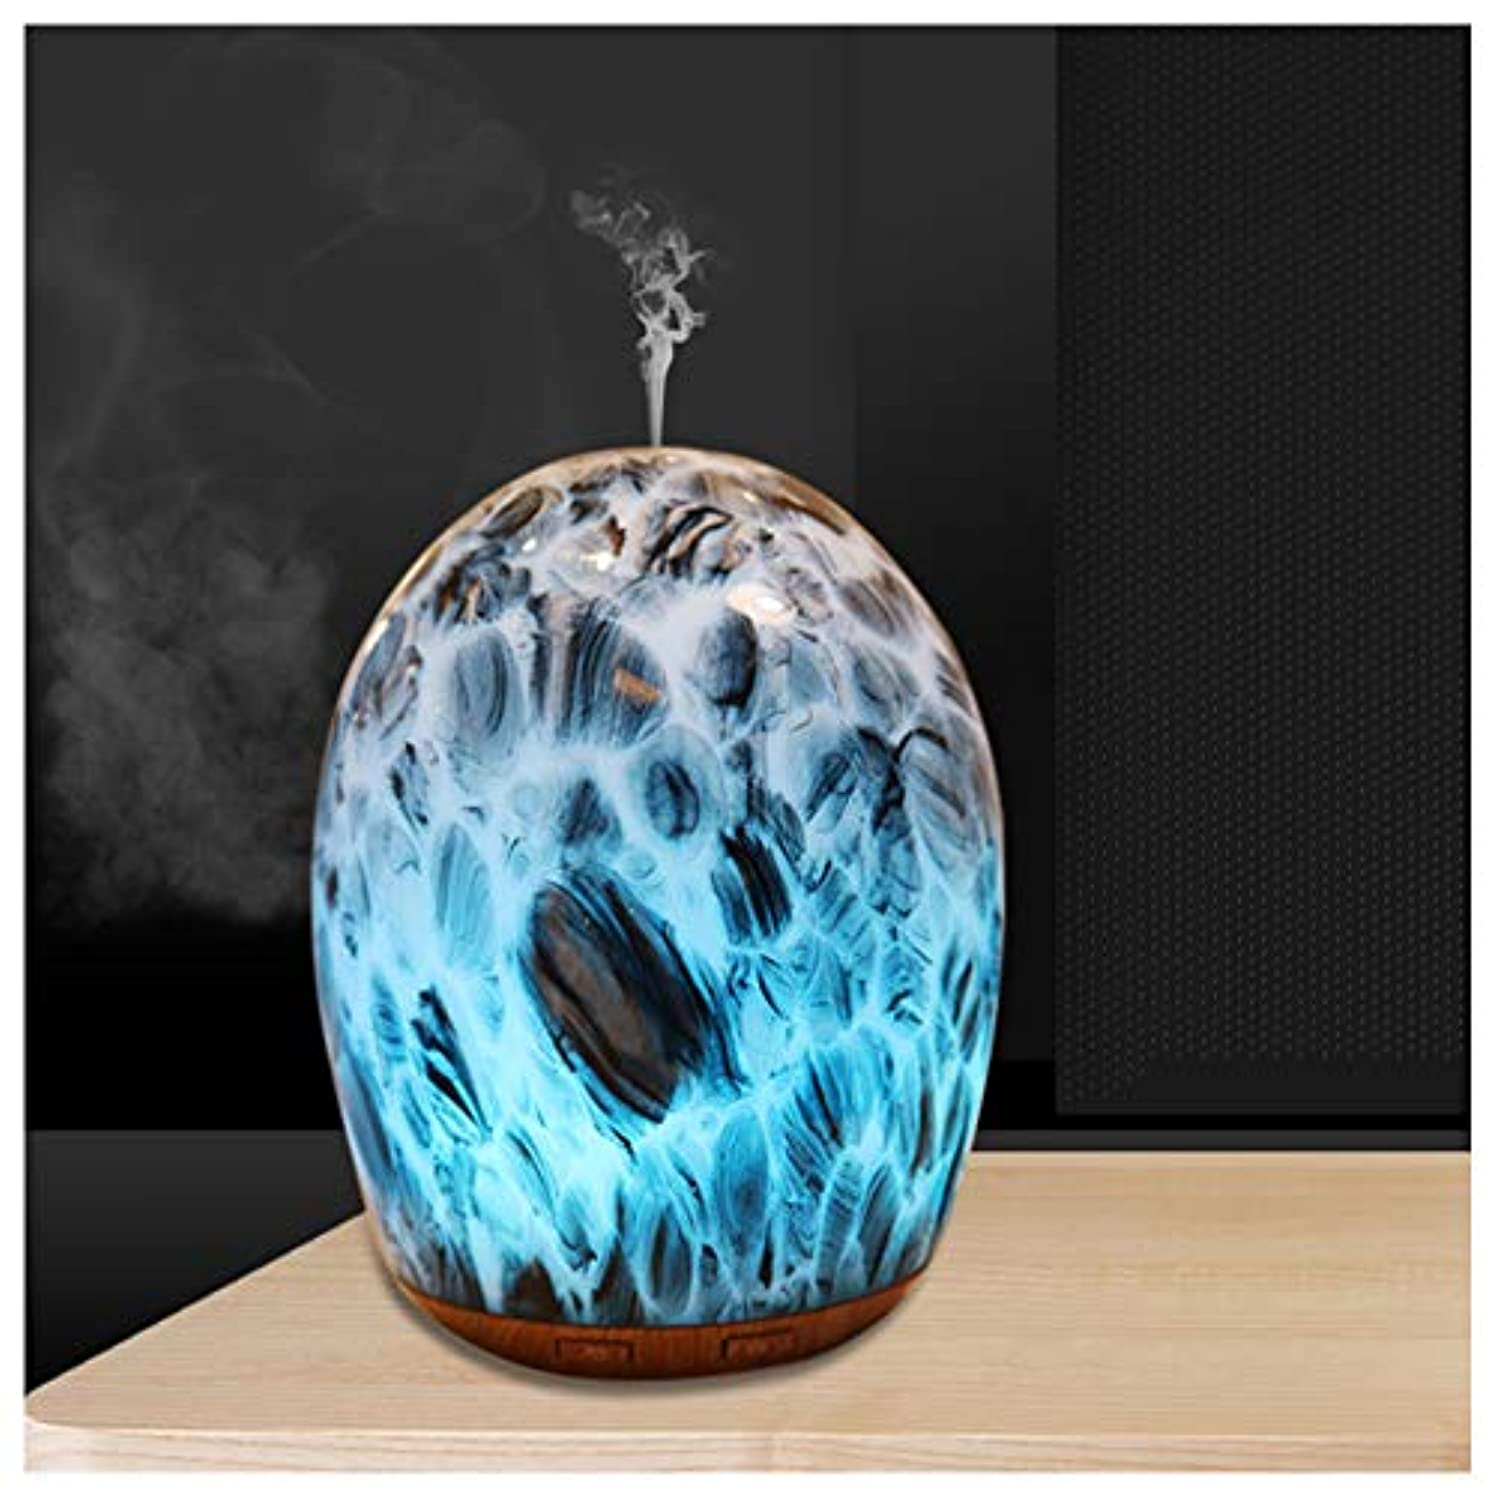 区別道徳化合物エッセンシャルオイルディフューザー超音波加湿器ポータブルアロマディフューザー、100ミリリットルガラス加湿器、水なし自動閉鎖、7色フレグランスランプ、ホームオフィス用ヨガスパ